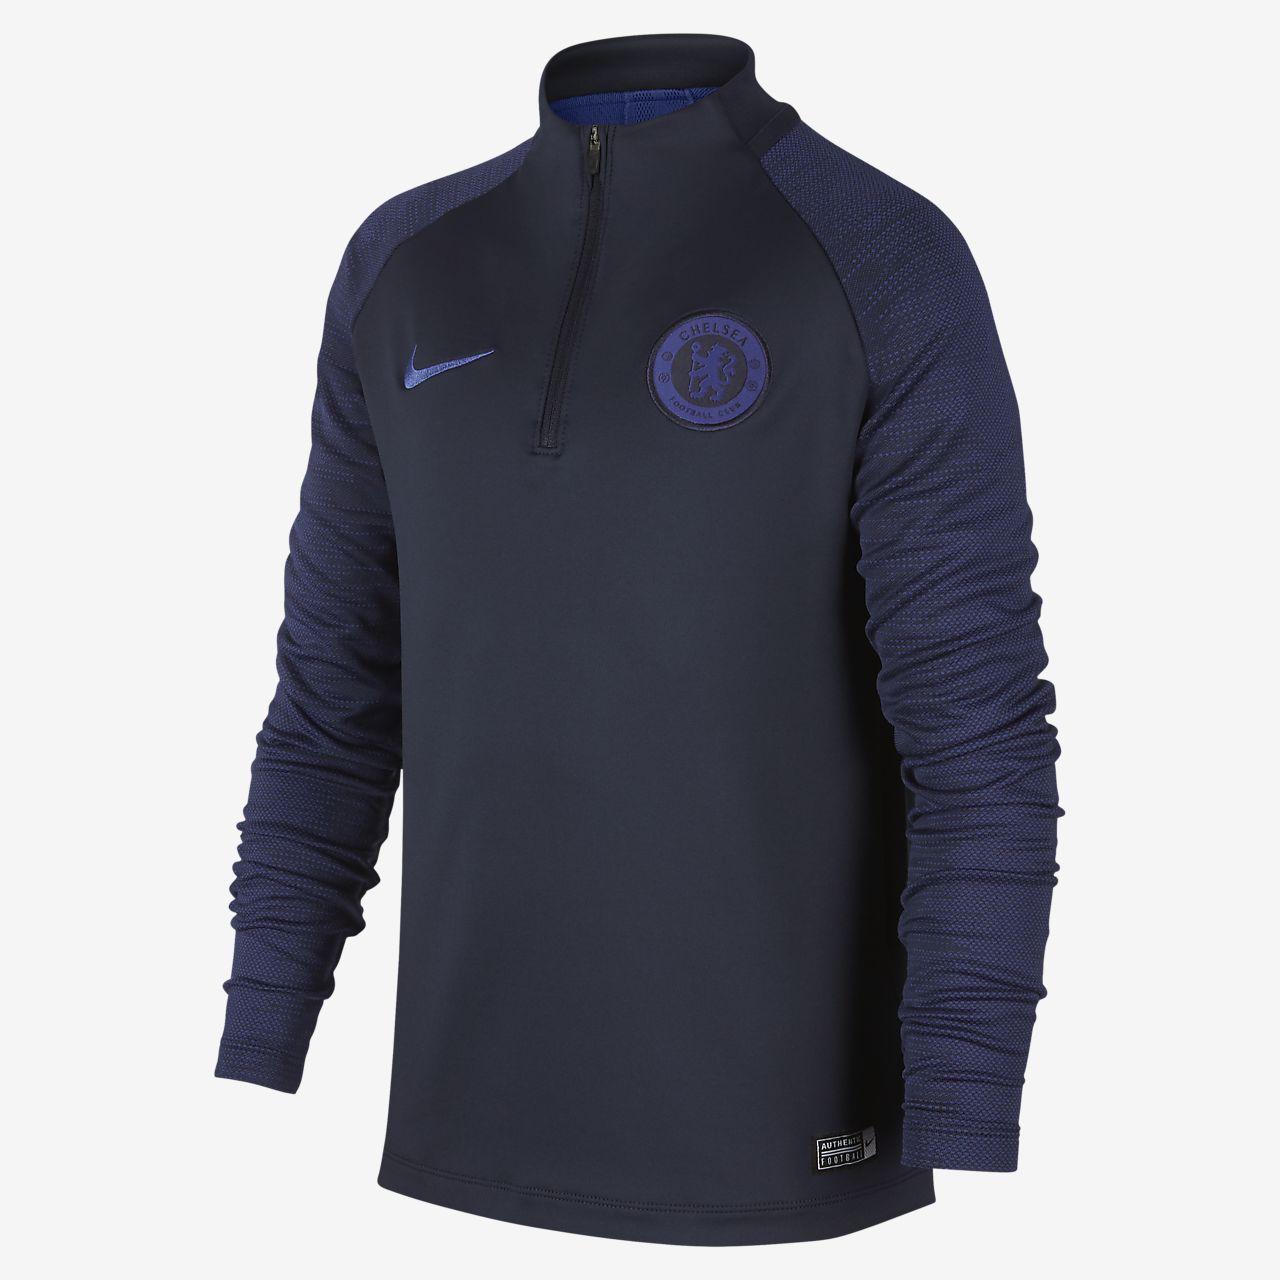 Prenda para la parte superior de entrenamiento de fútbol para niño talla grande Chelsea FC Strike